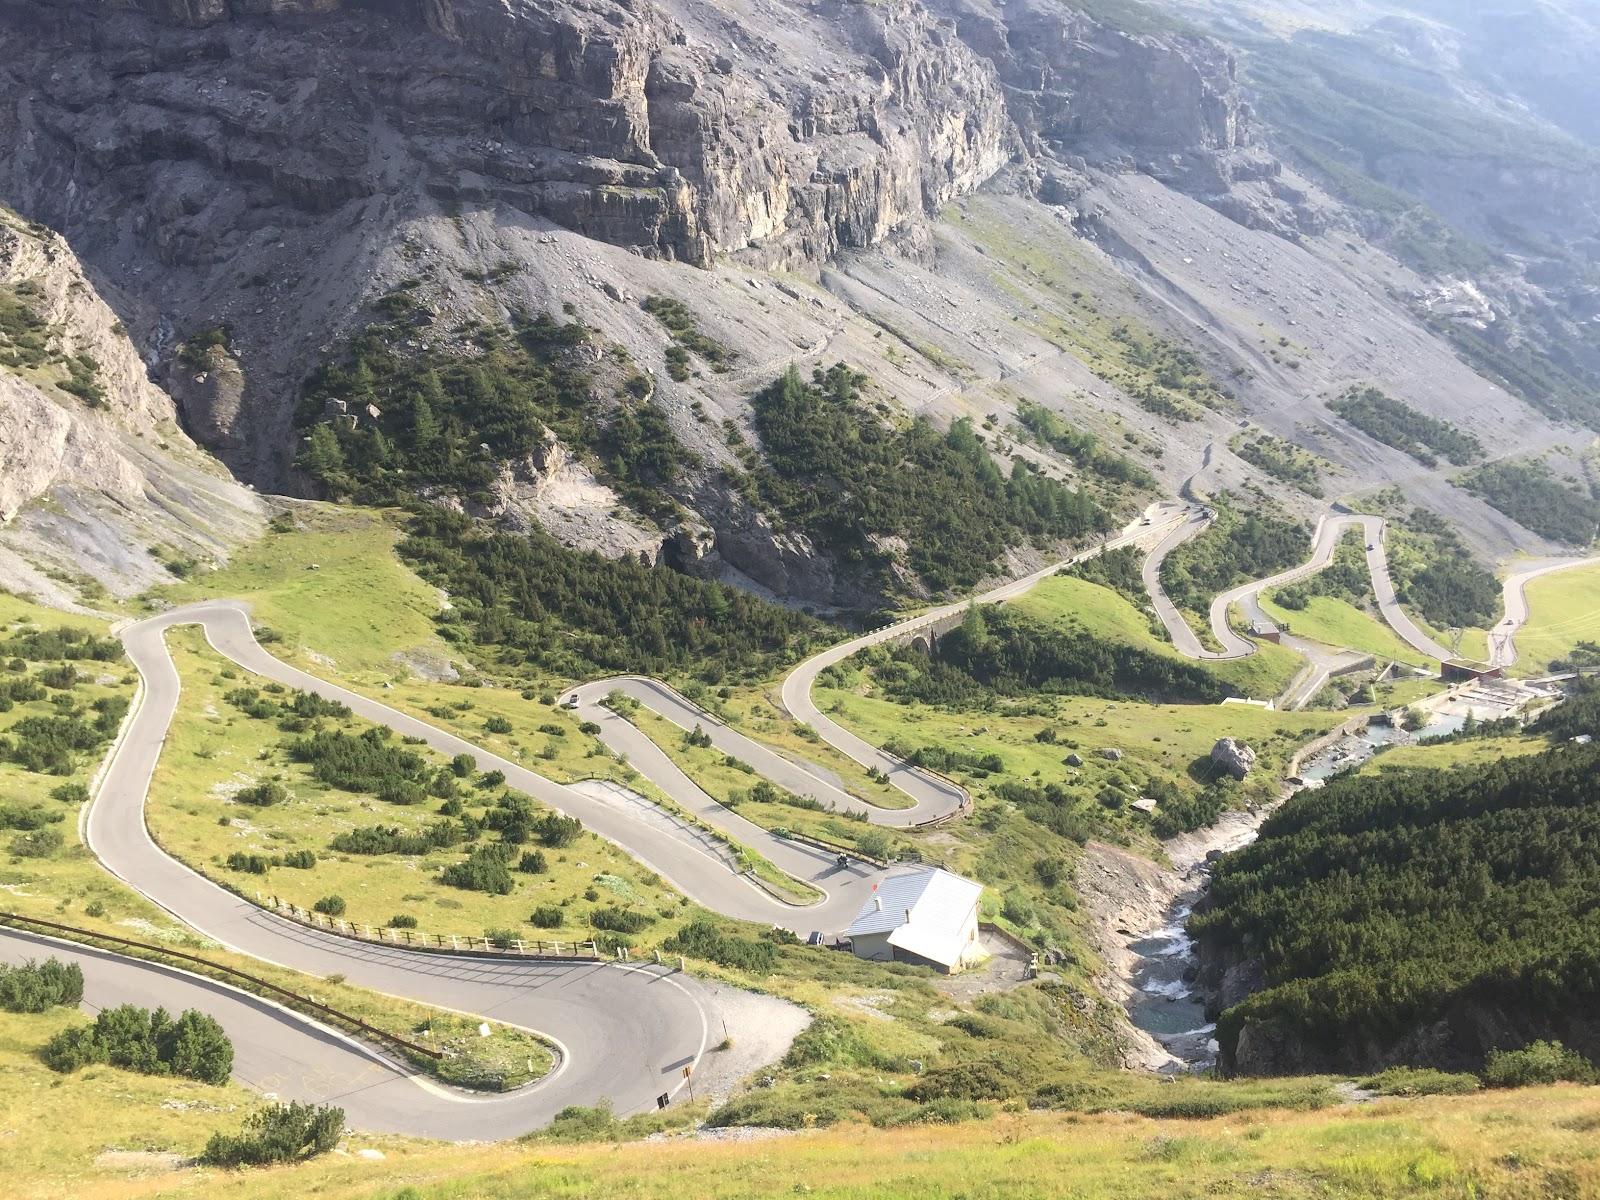 Road bike climb Passo dello Stelvio from Bormio - aerial drone photo of tornanti on stelvio from bormio